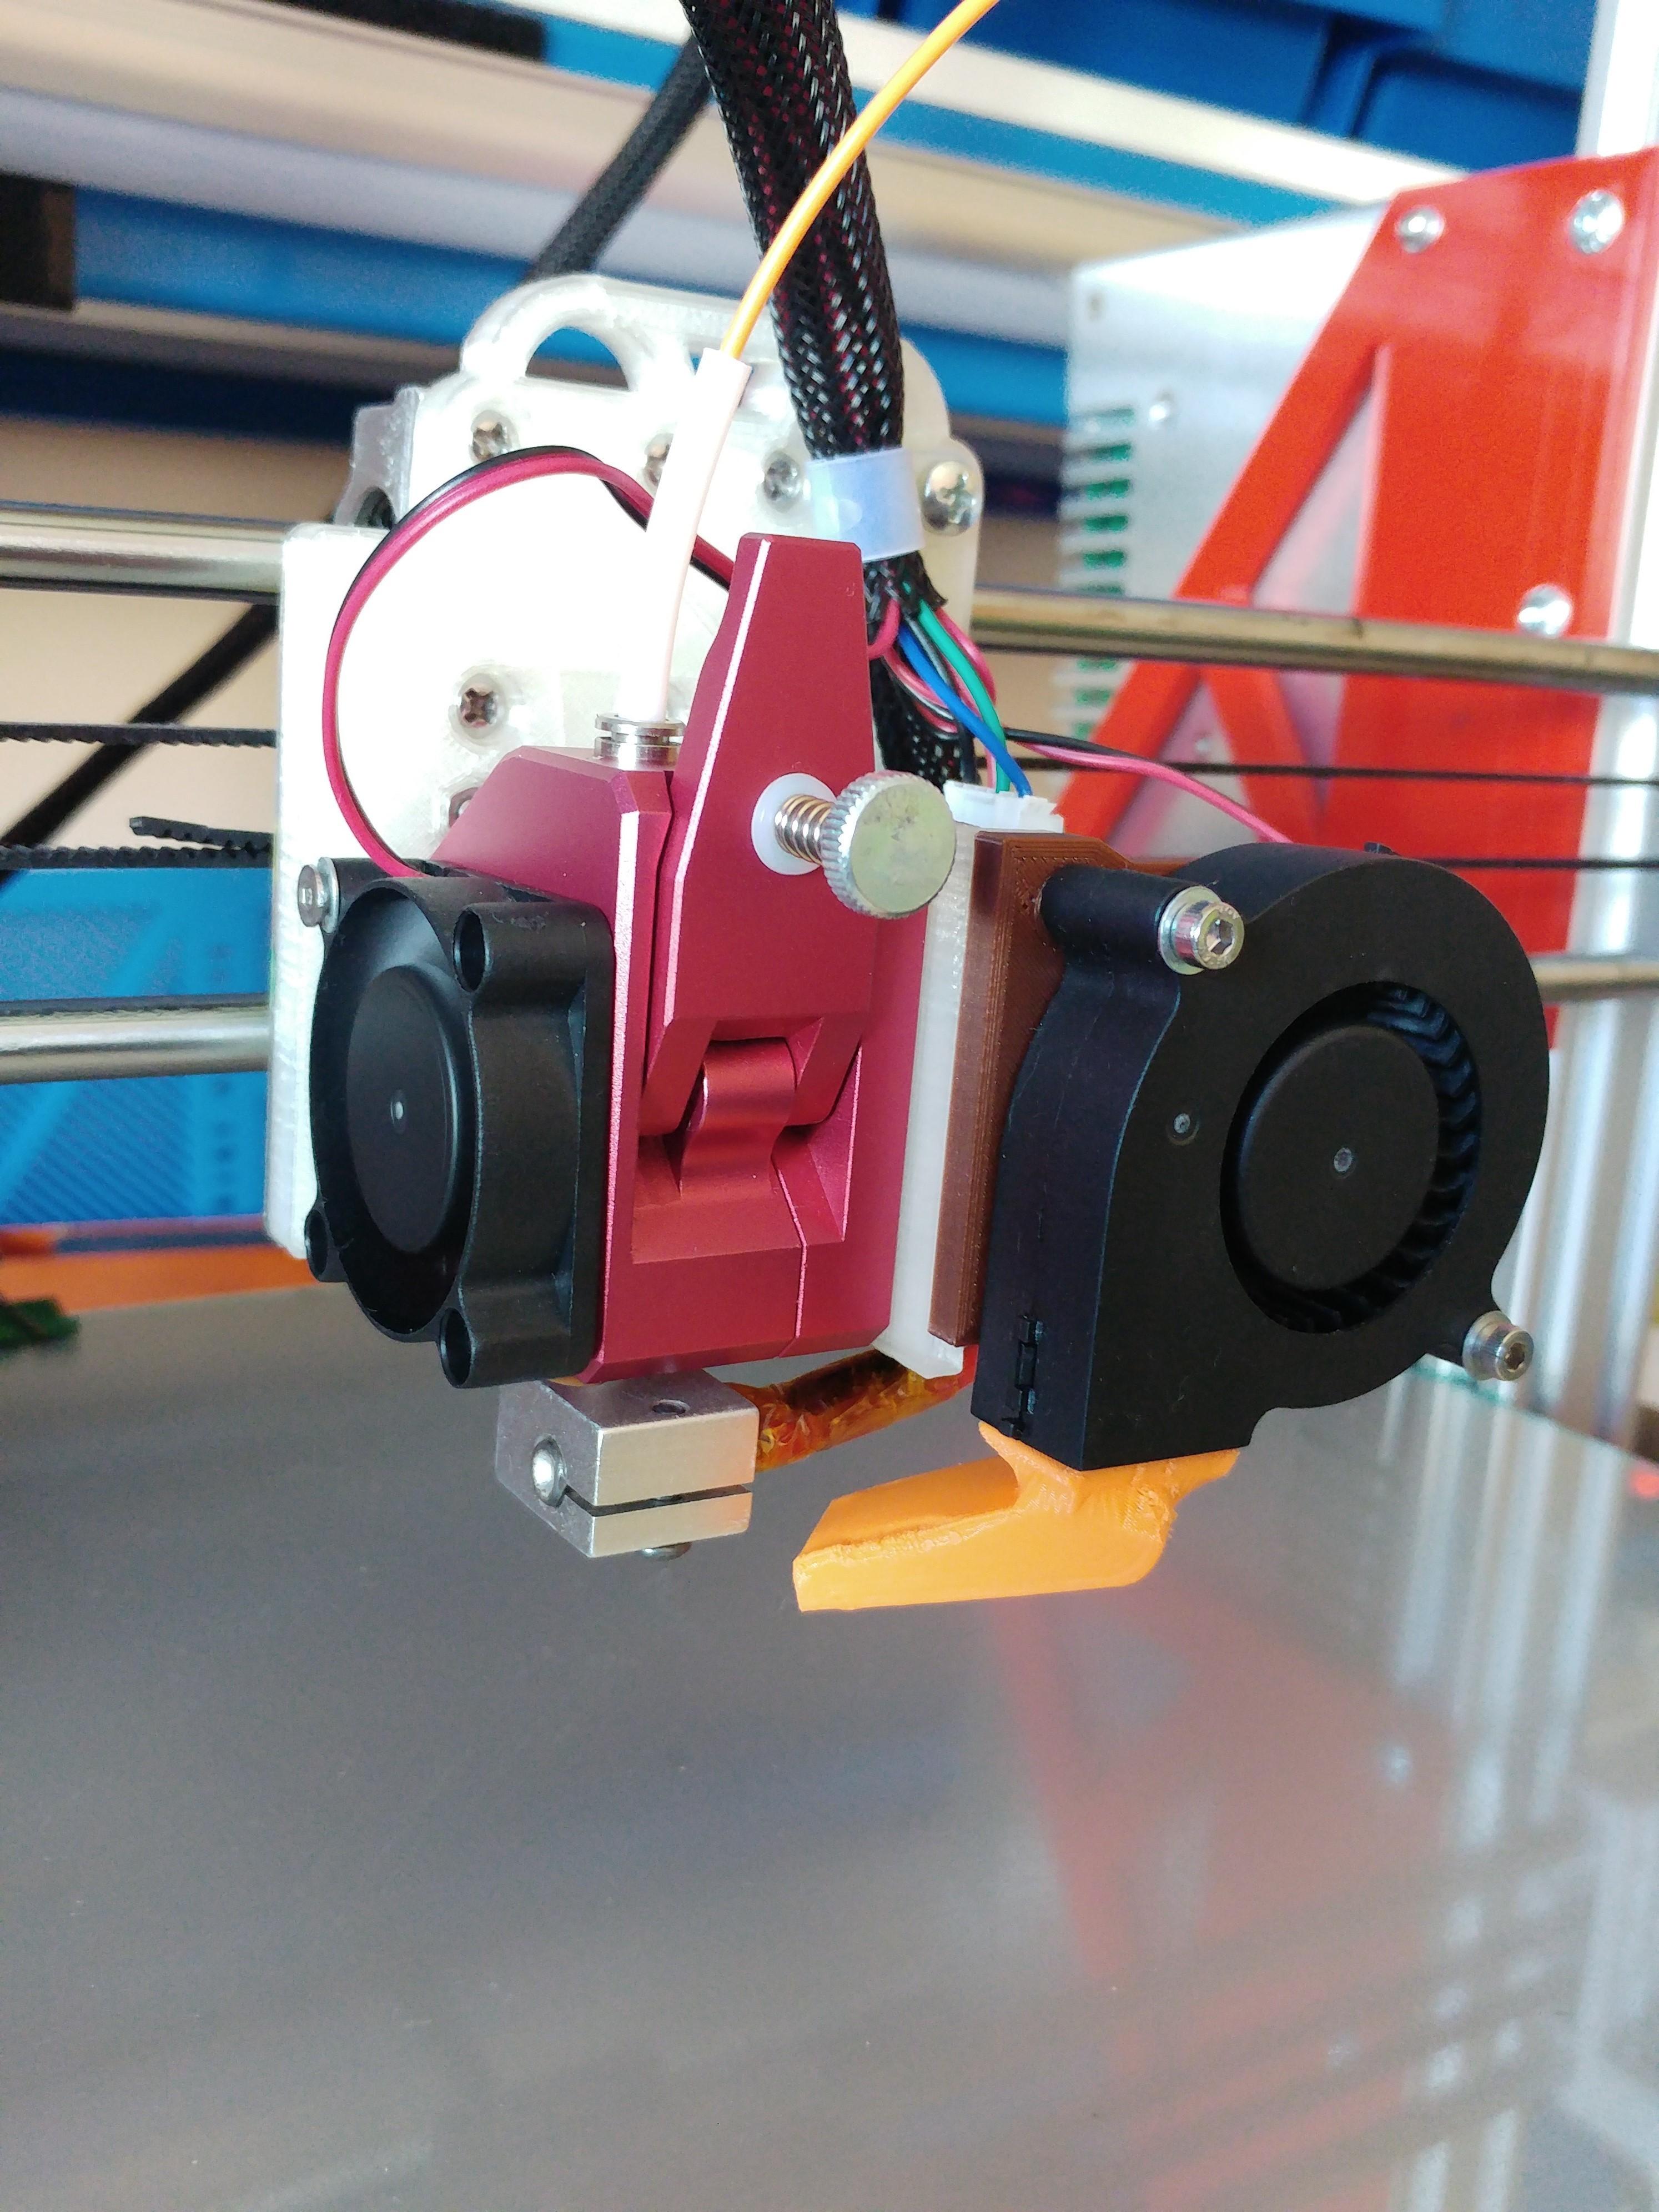 20200329_140935.jpg Télécharger fichier STL gratuit Support moteur pour extrudeuse directe BMG pour Anet A8 /AM8 • Objet à imprimer en 3D, celtarra12